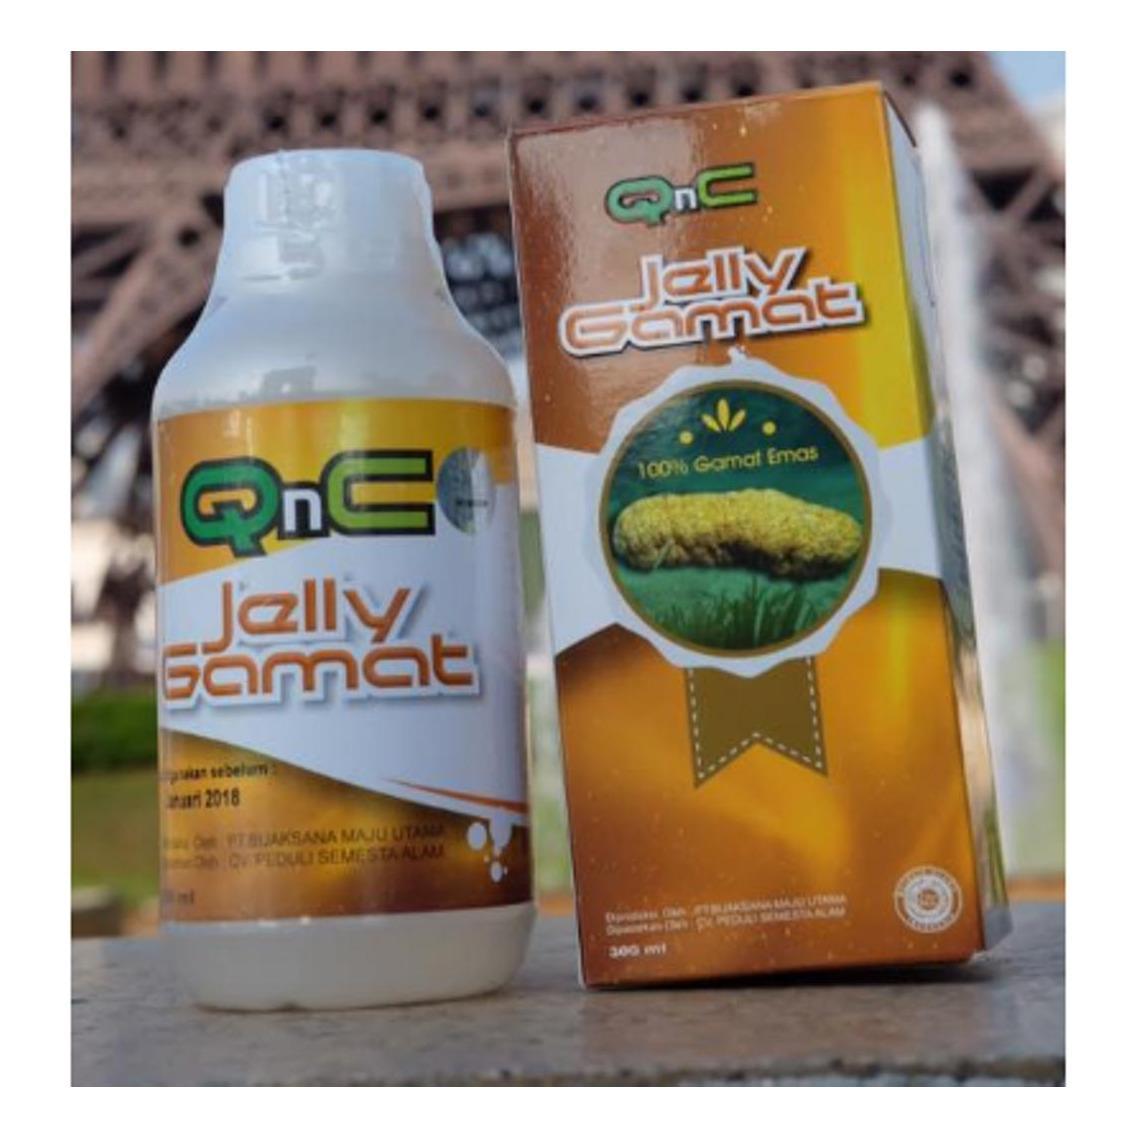 Beli Qnc Jelly Gamat Jeli Jelli Jely Agen Jakarta Original